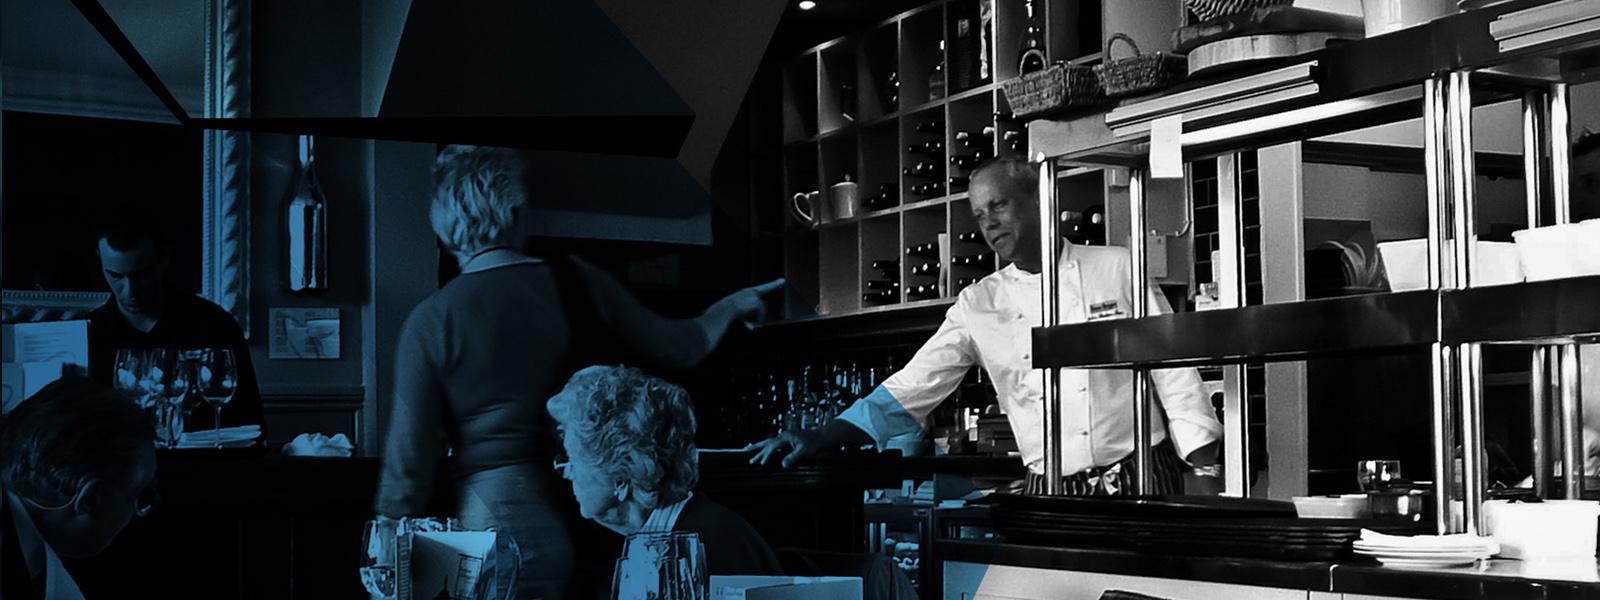 Kelner_za_barem_wąskie